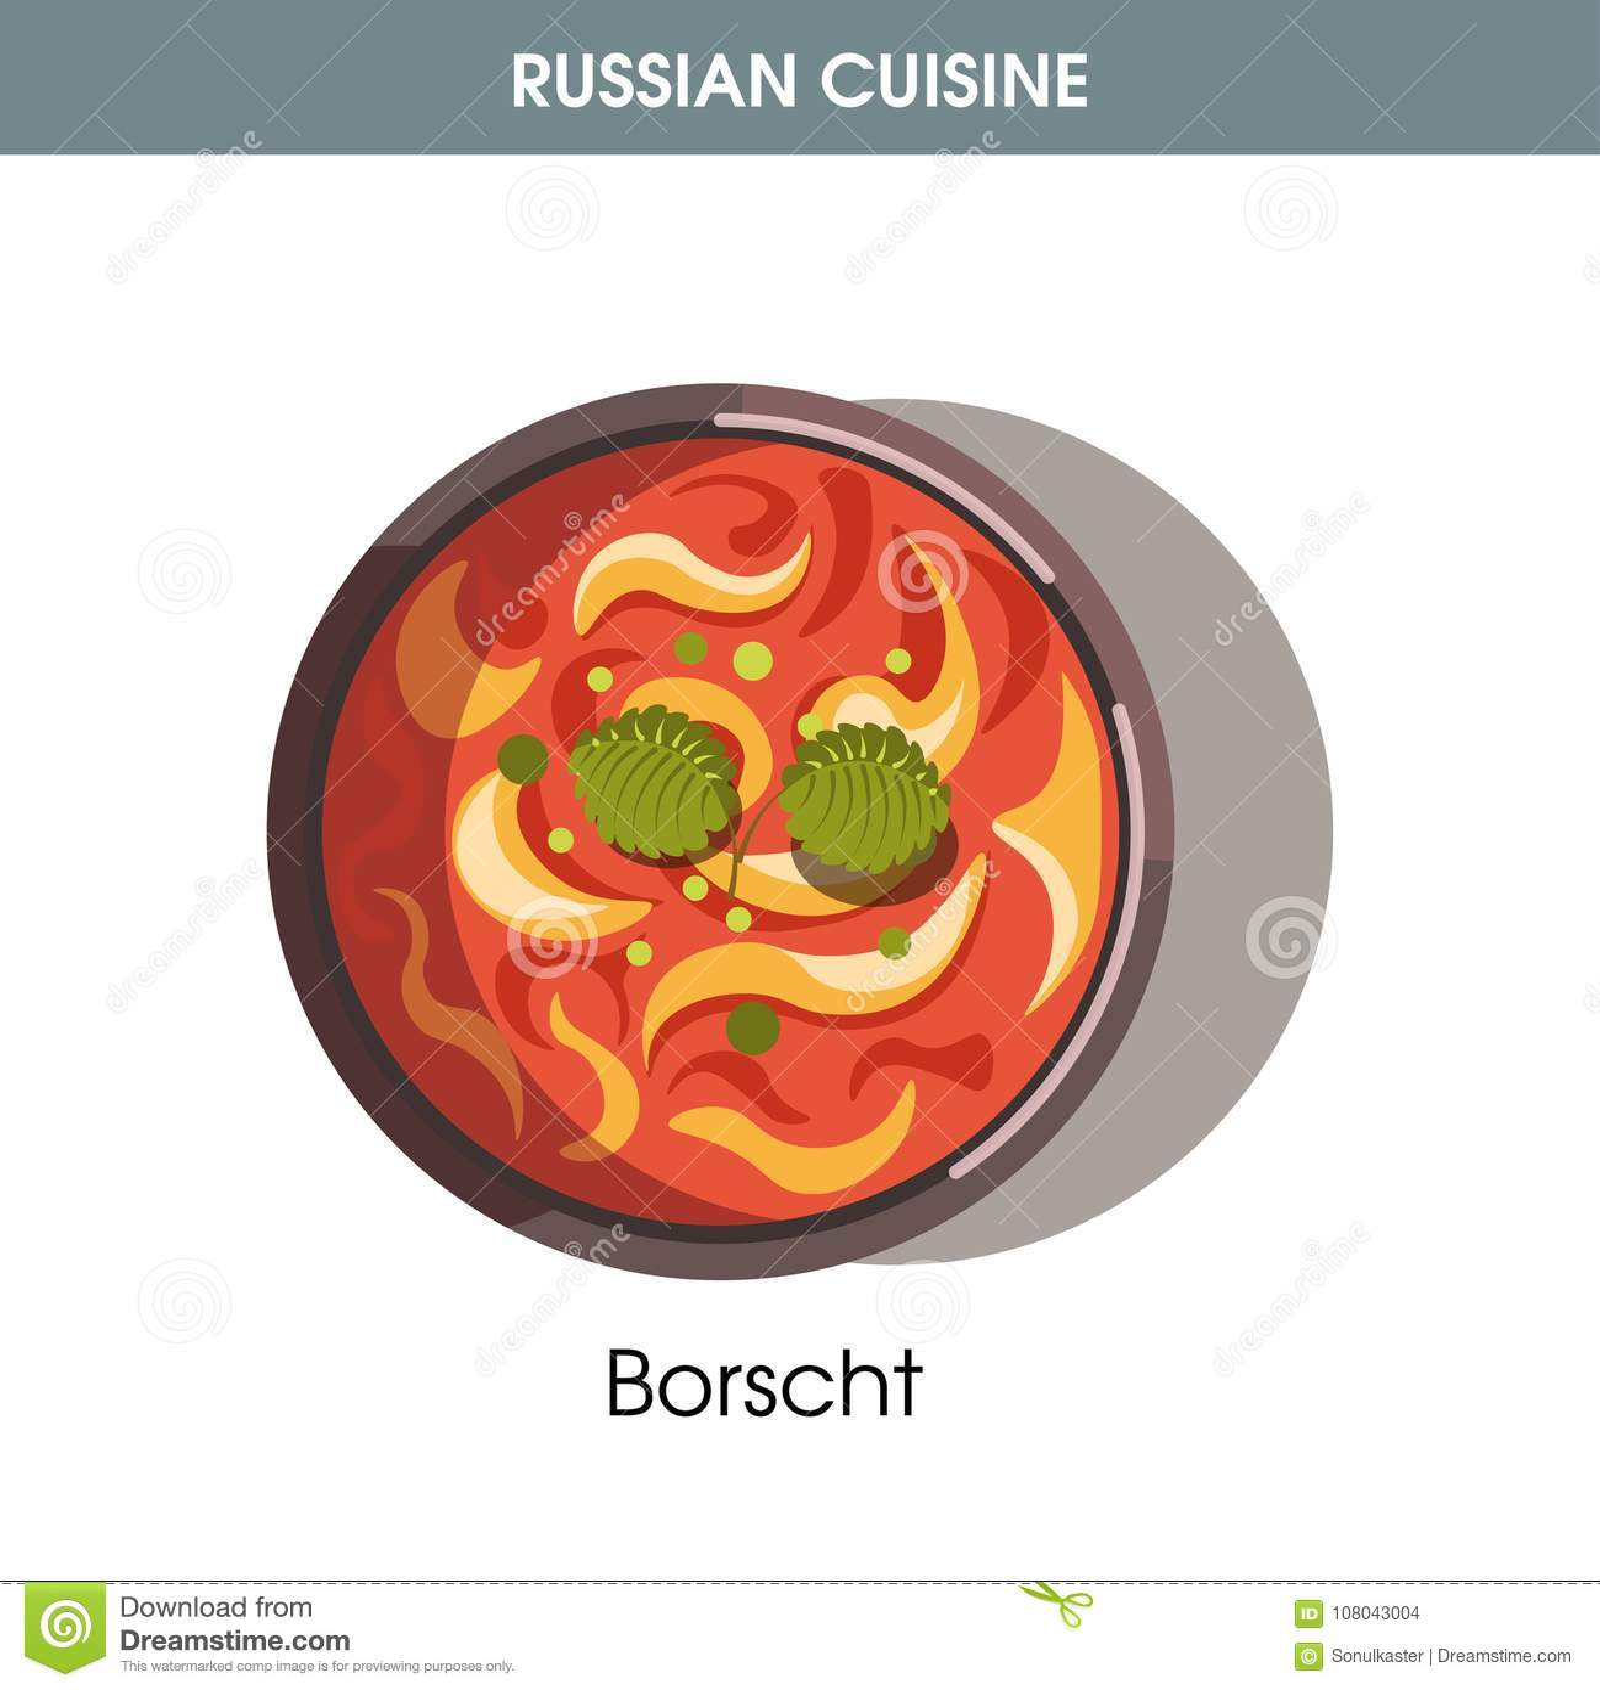 Tjock Borscht med lagersidor från rysk kokkonst